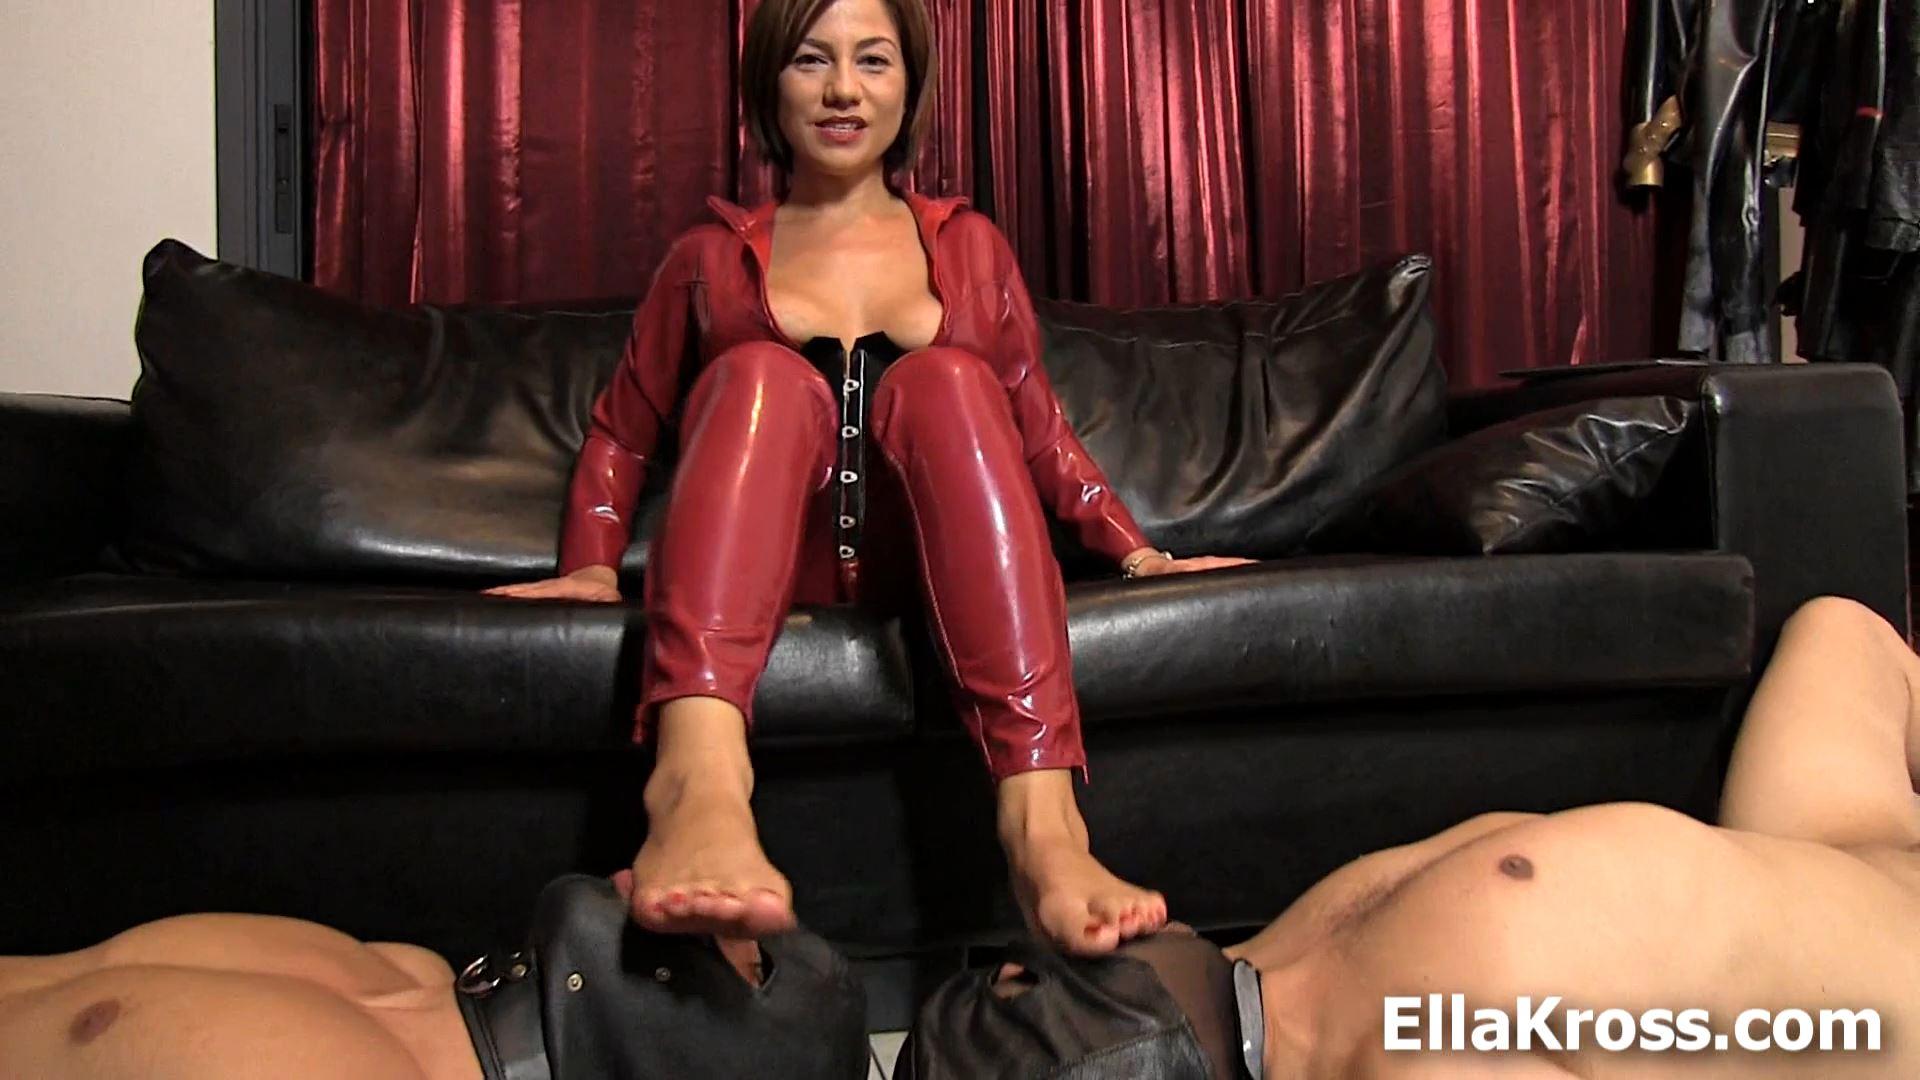 Ella Kross In Scene: Worship and Trampling - ELLAKROSS - FULL HD/1080p/MP4